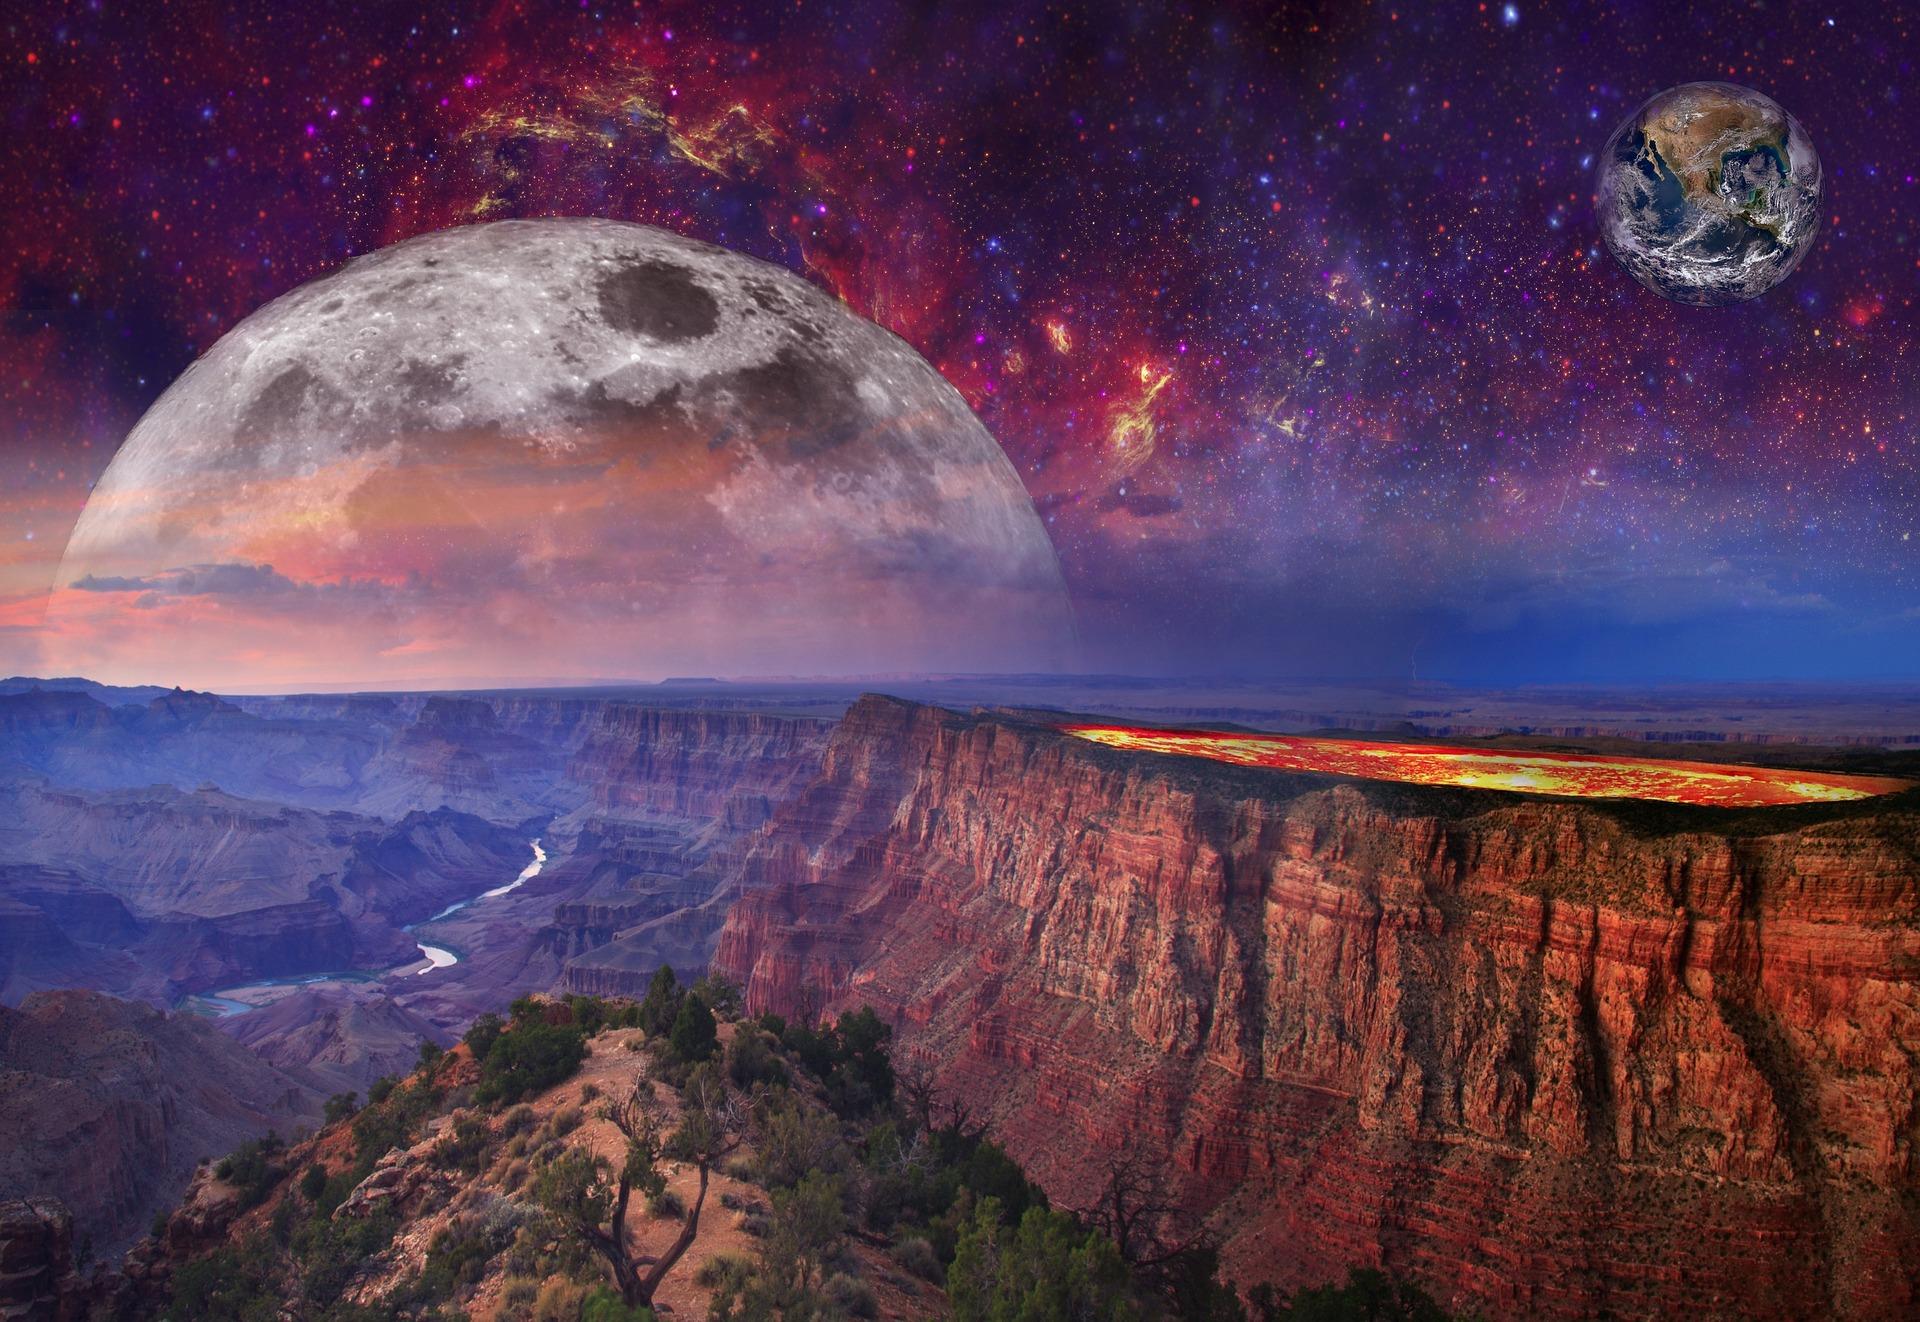 Horoscop zilnic Acvaria 29 iulie 2019 - Marte de apară două zodii dezastru